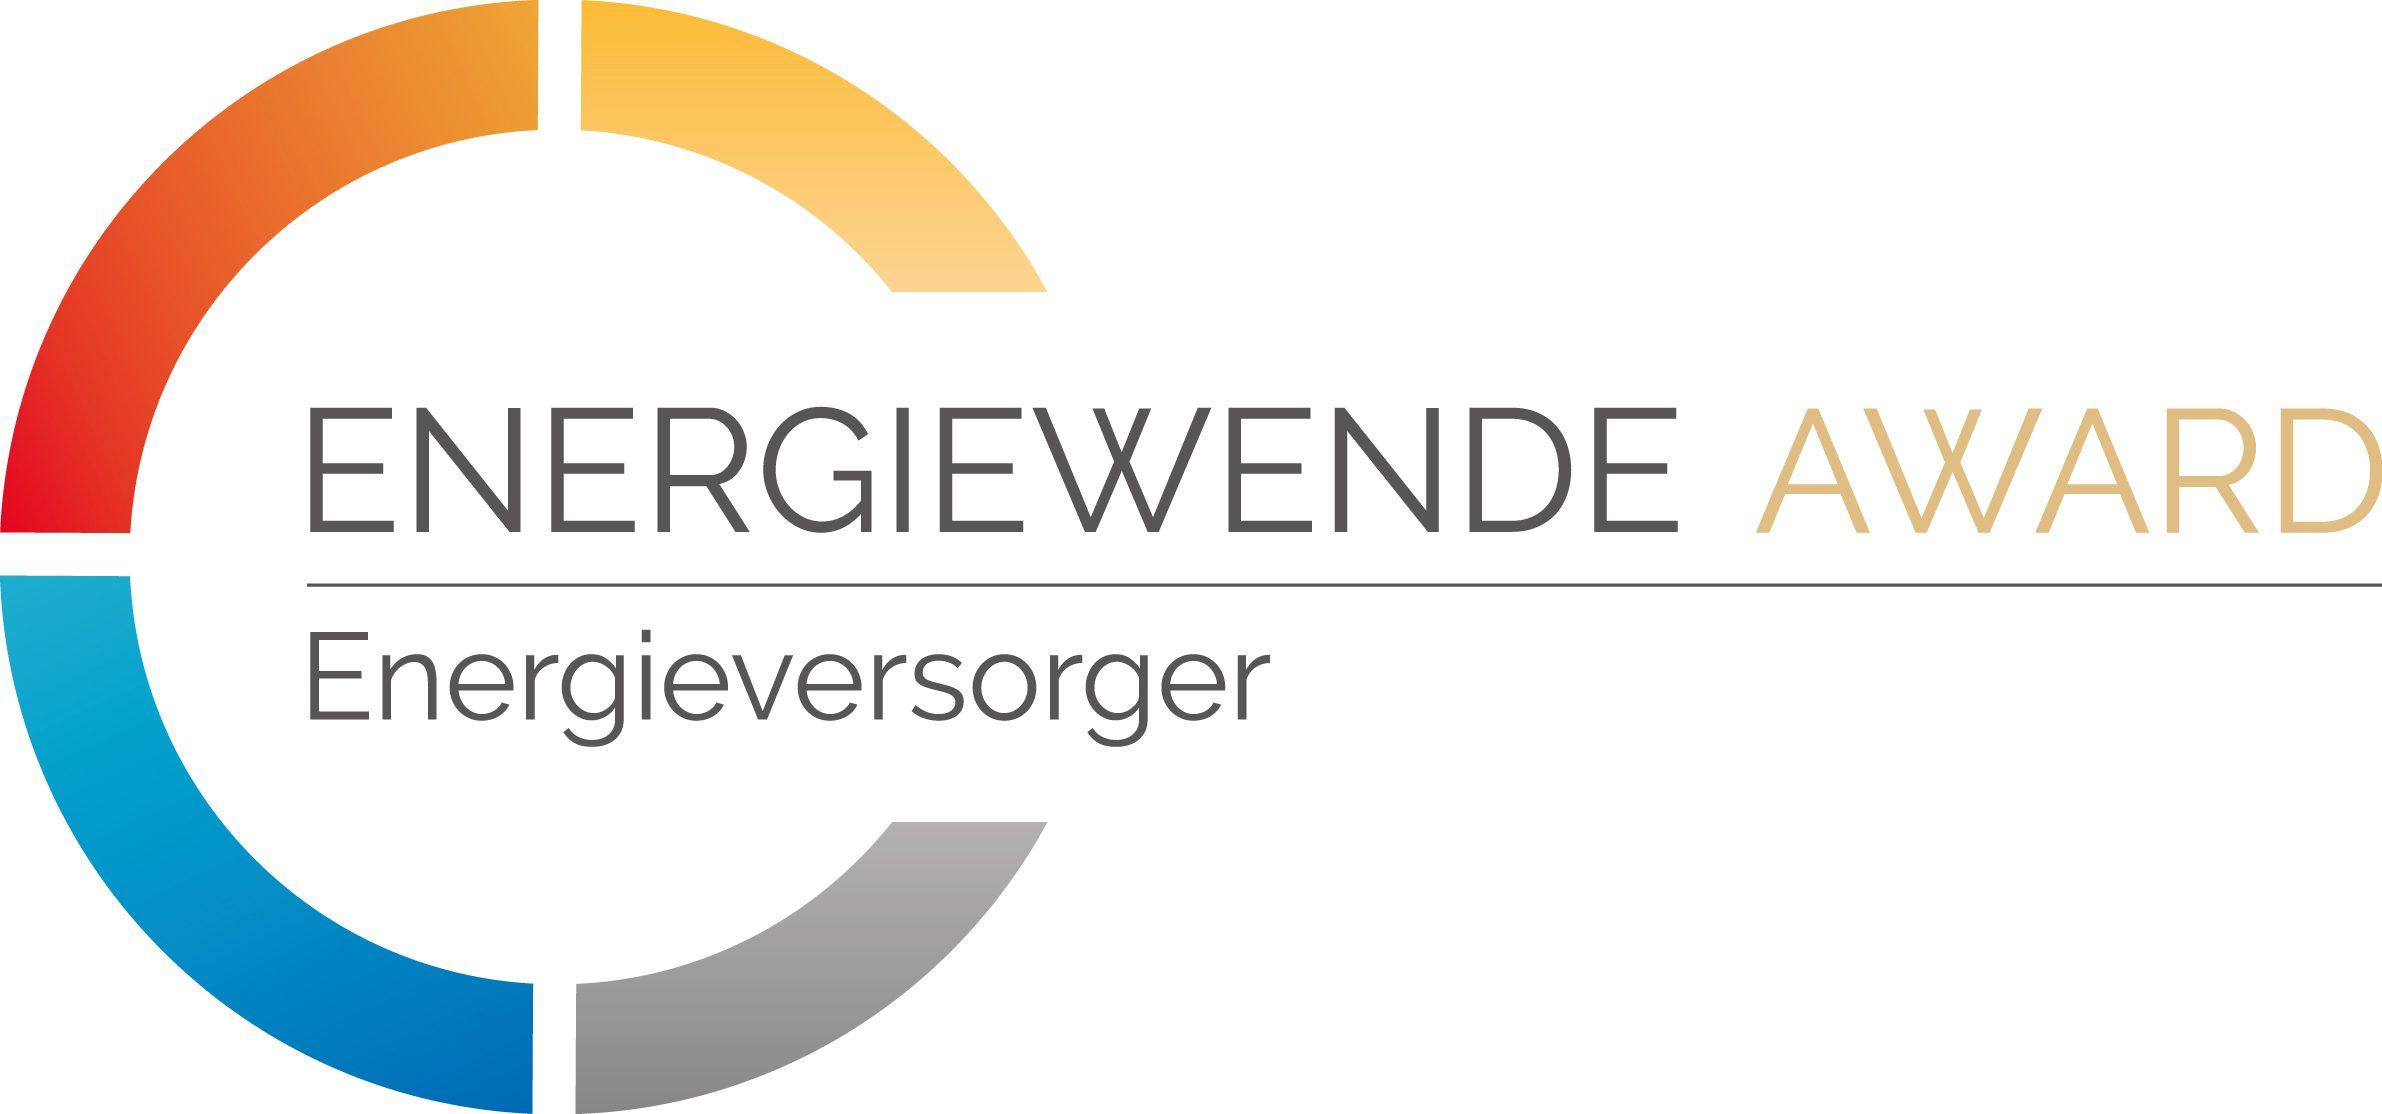 cropped-Energiewende-Award_Energieversorger-1.jpg